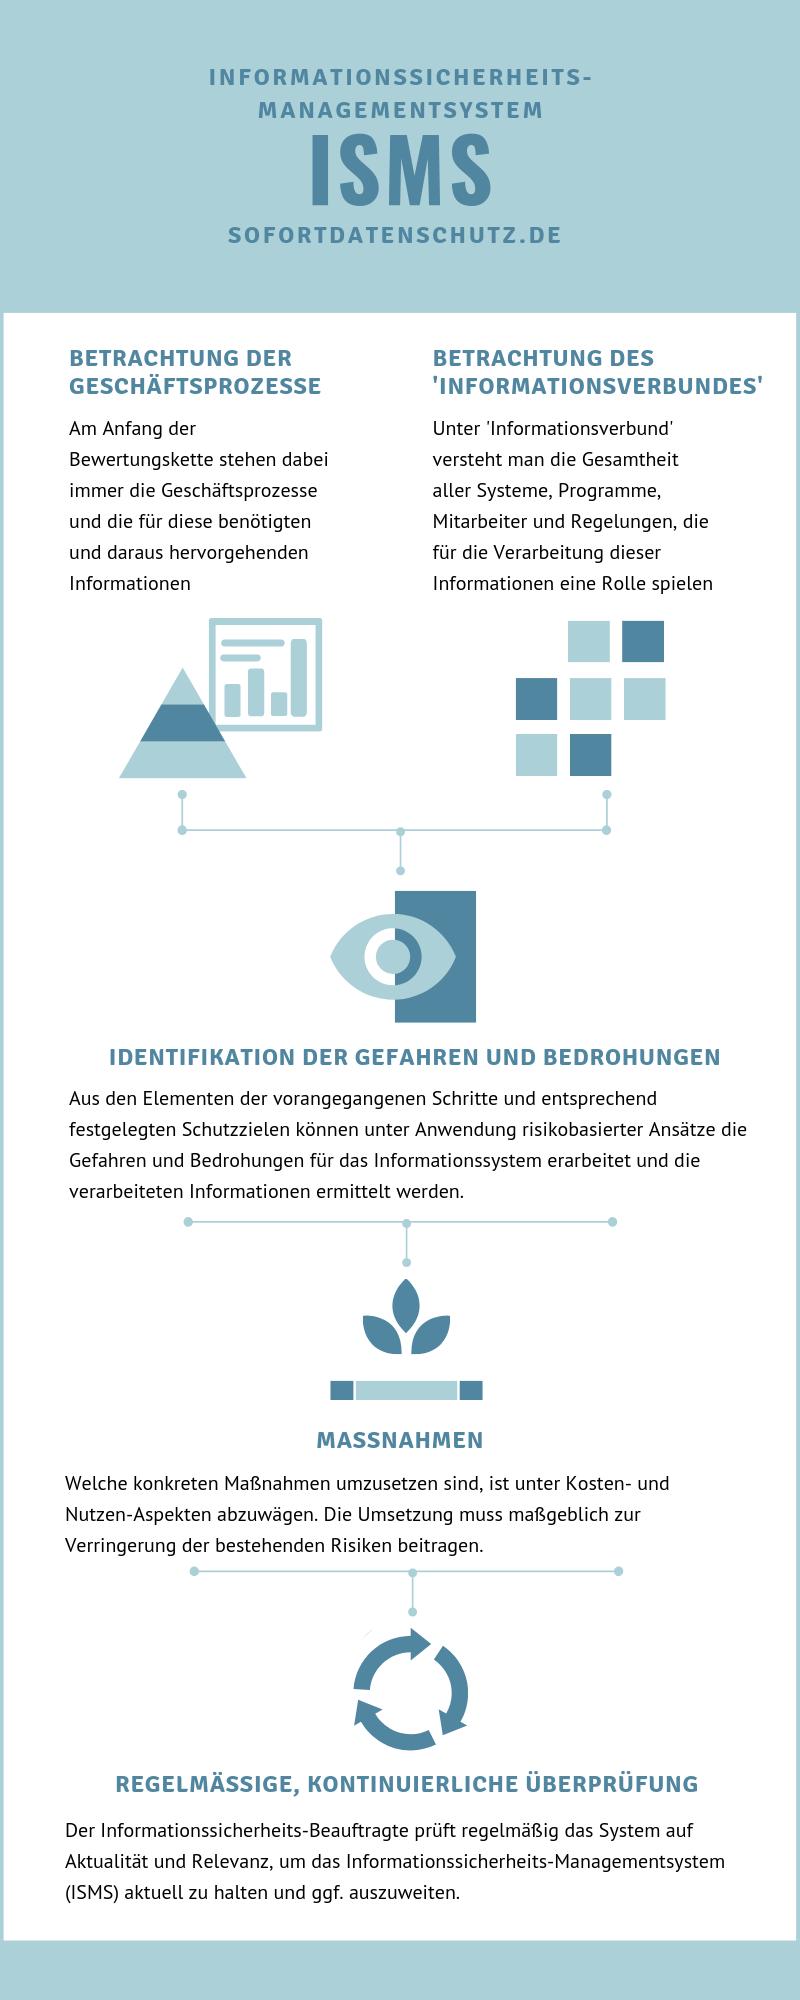 5-Schritte-Prozess der Implementierung von Informationssicherheitsmanagement in Ihrem Unternehmen